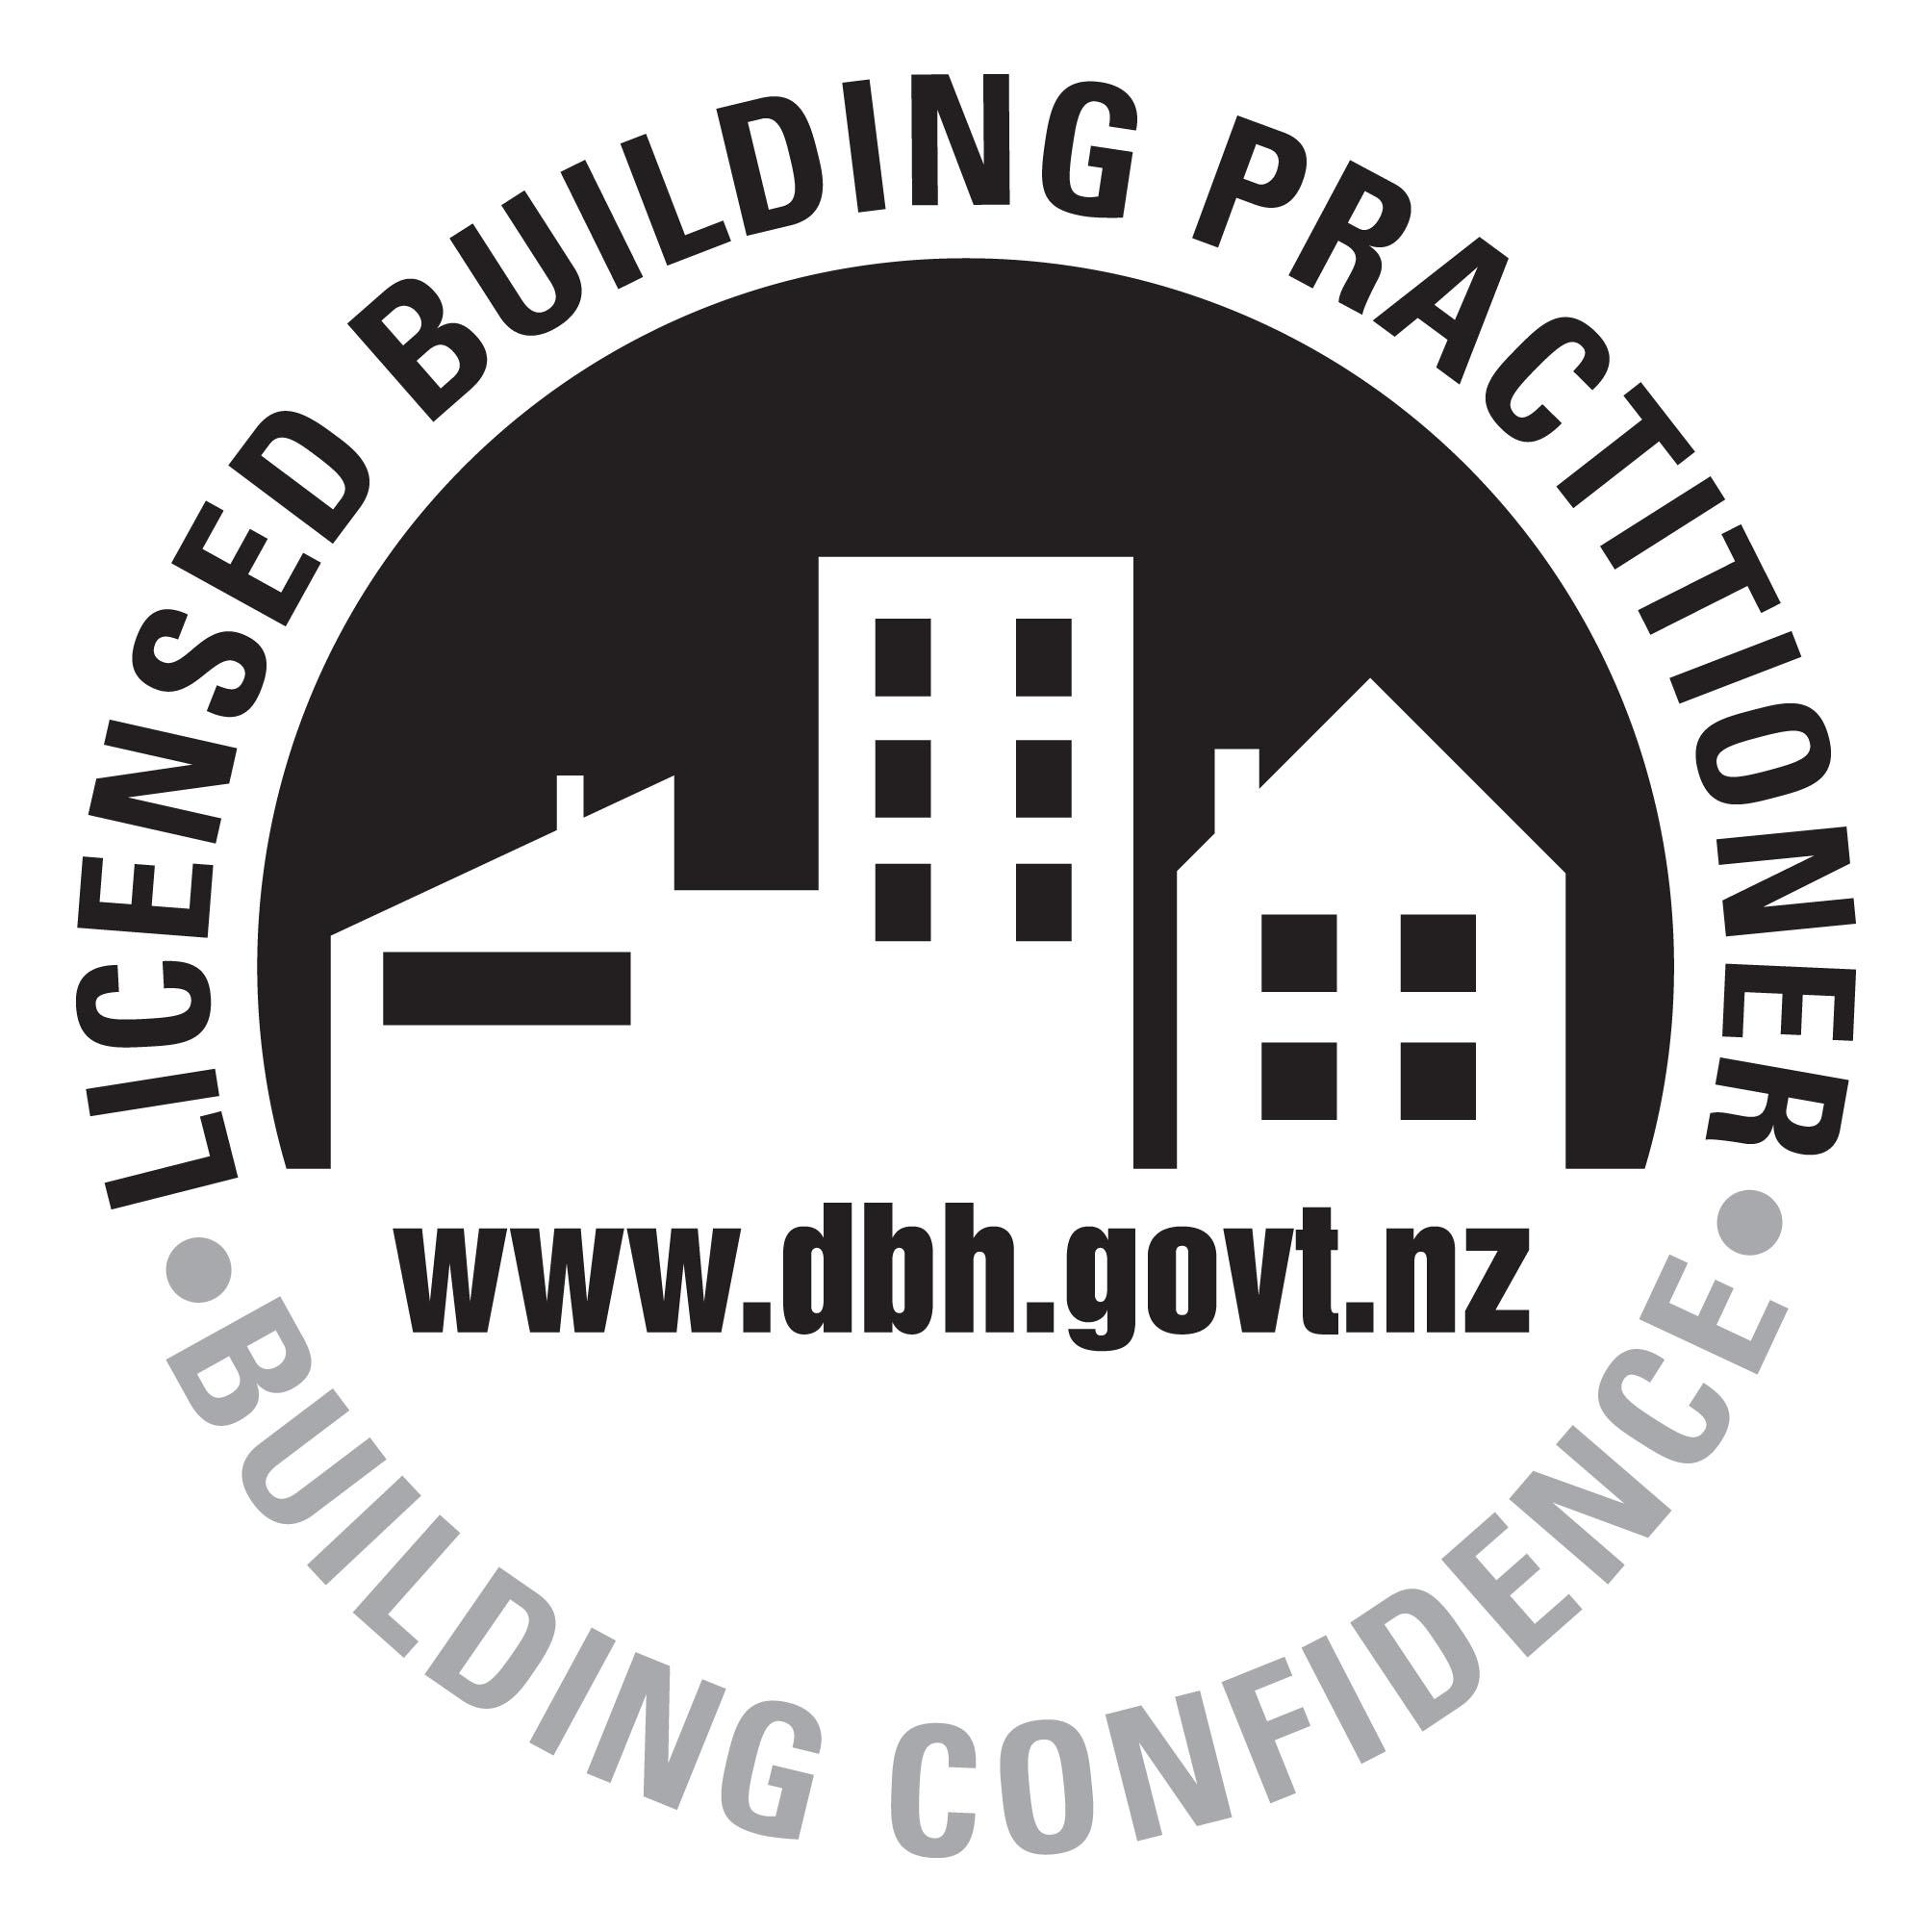 LBP Logo black and white version.jpg